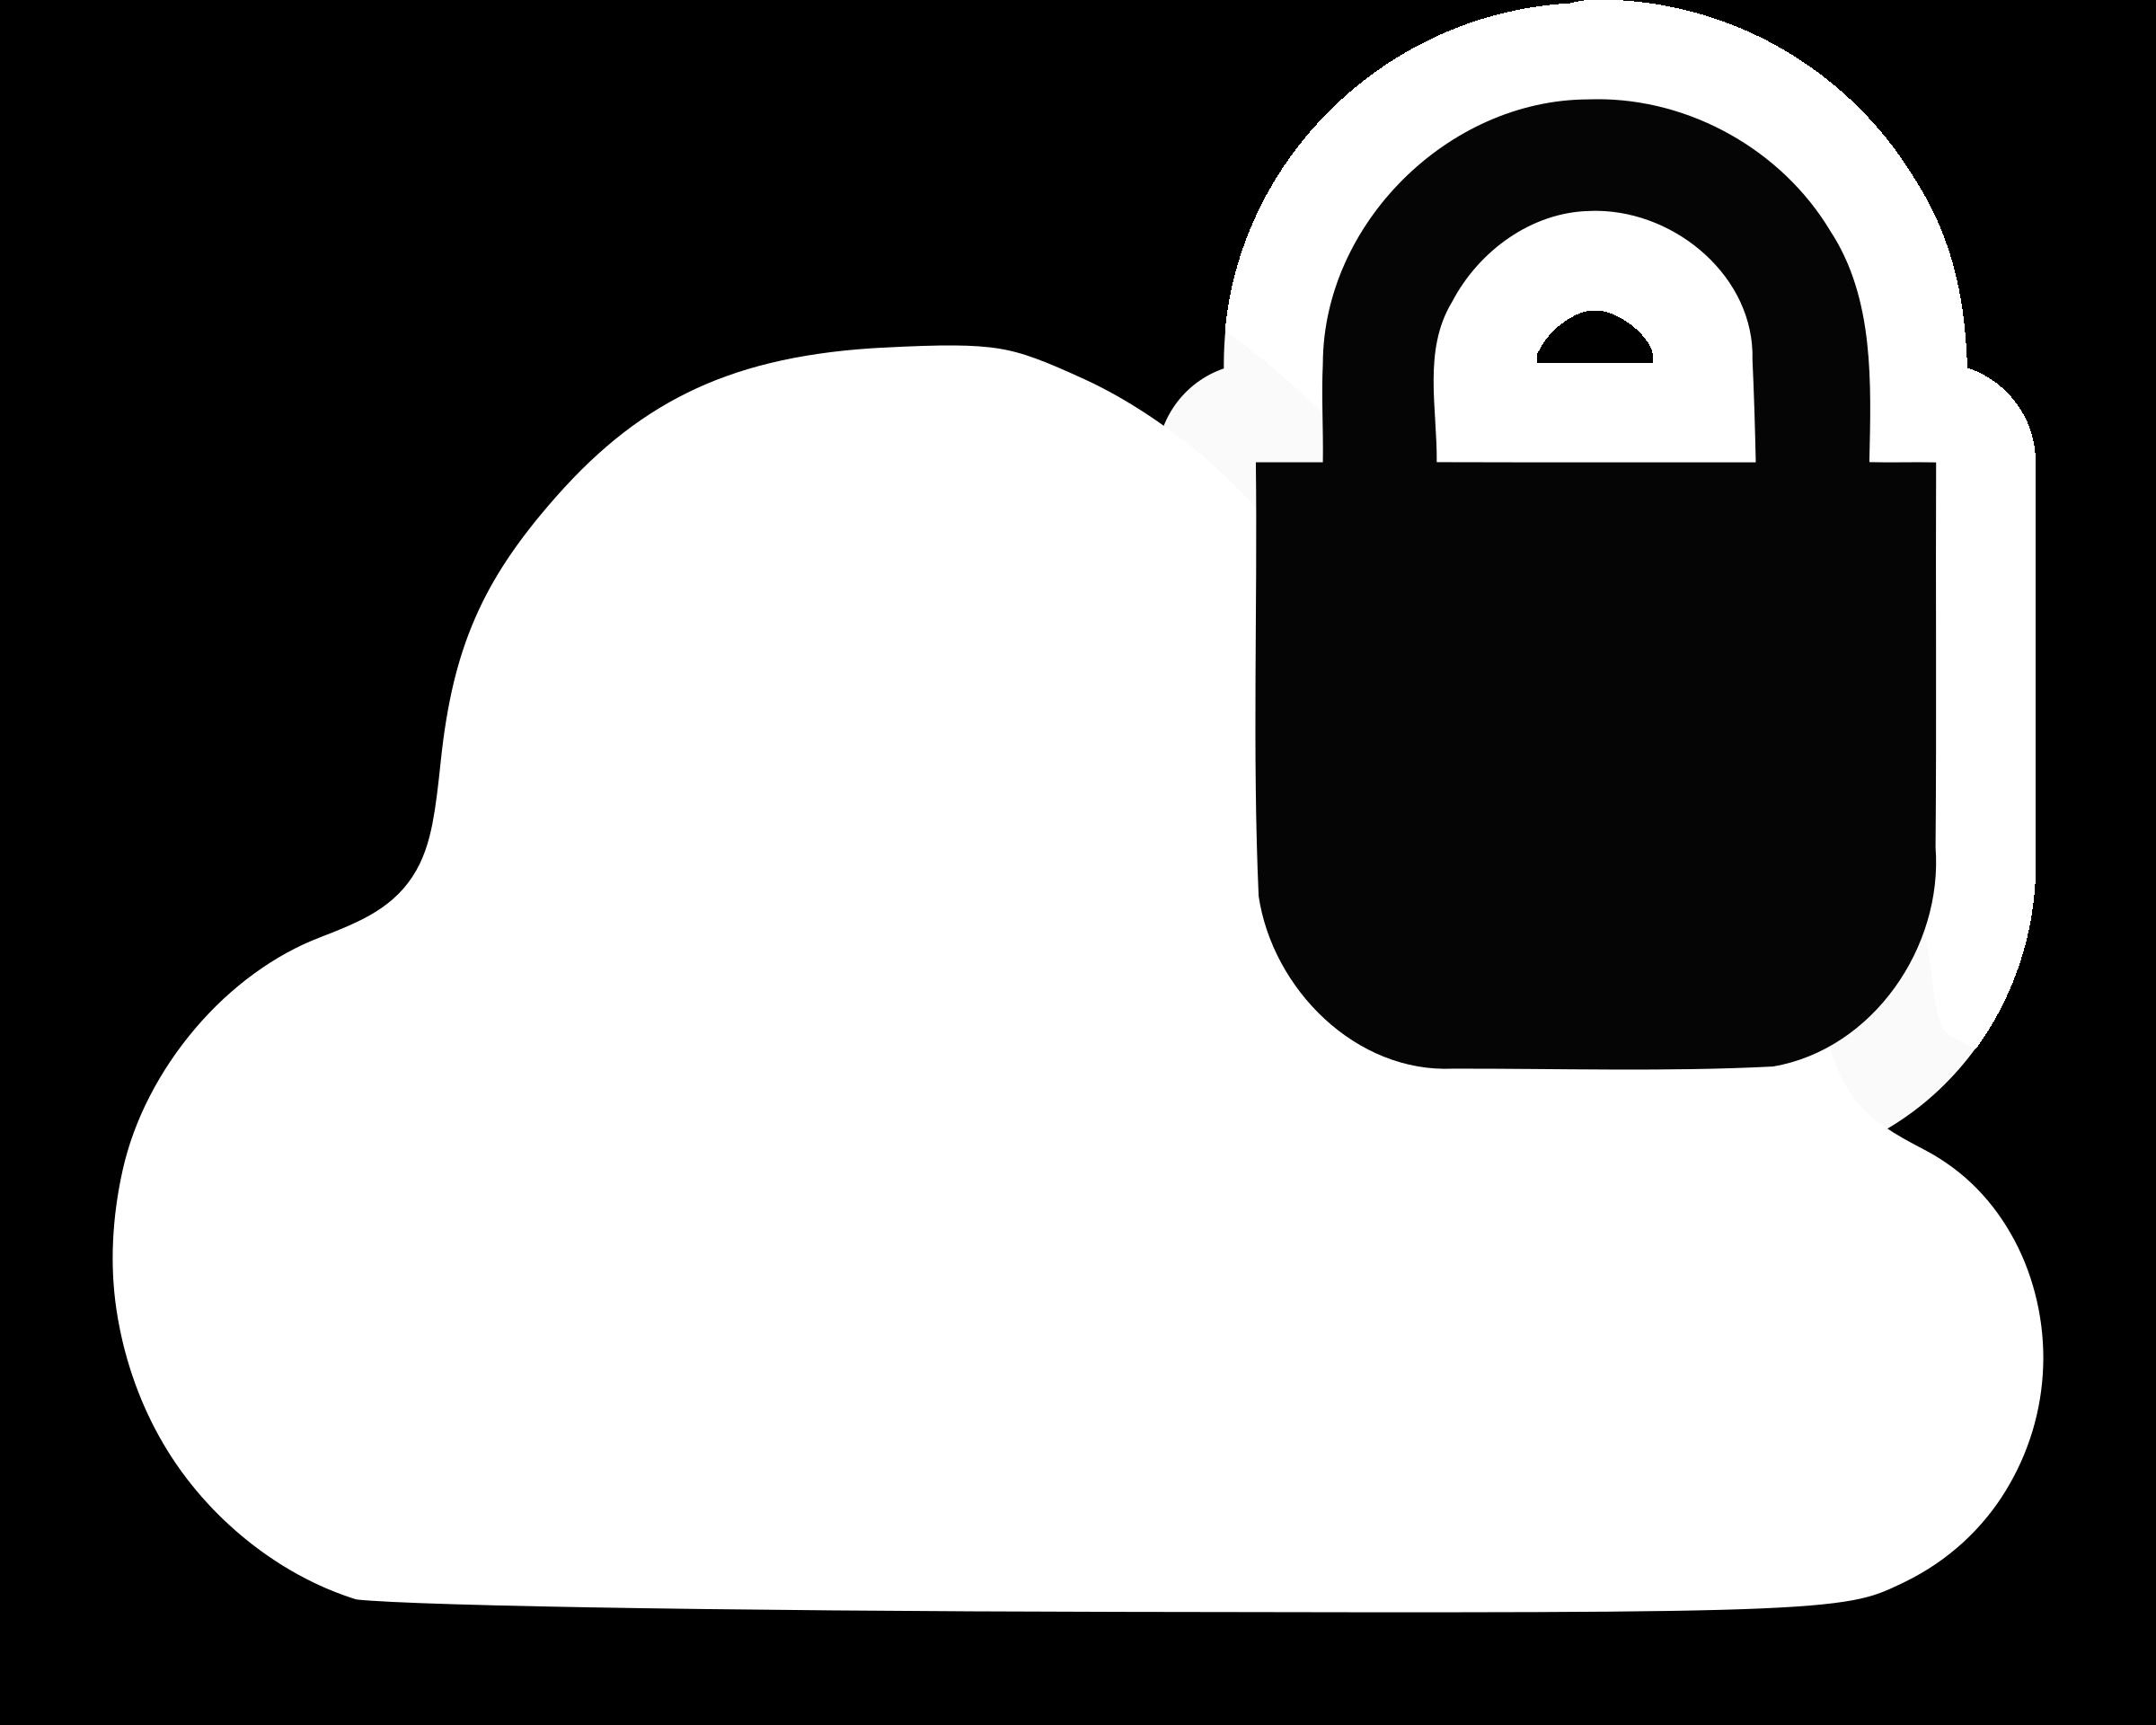 private-cloud-icon